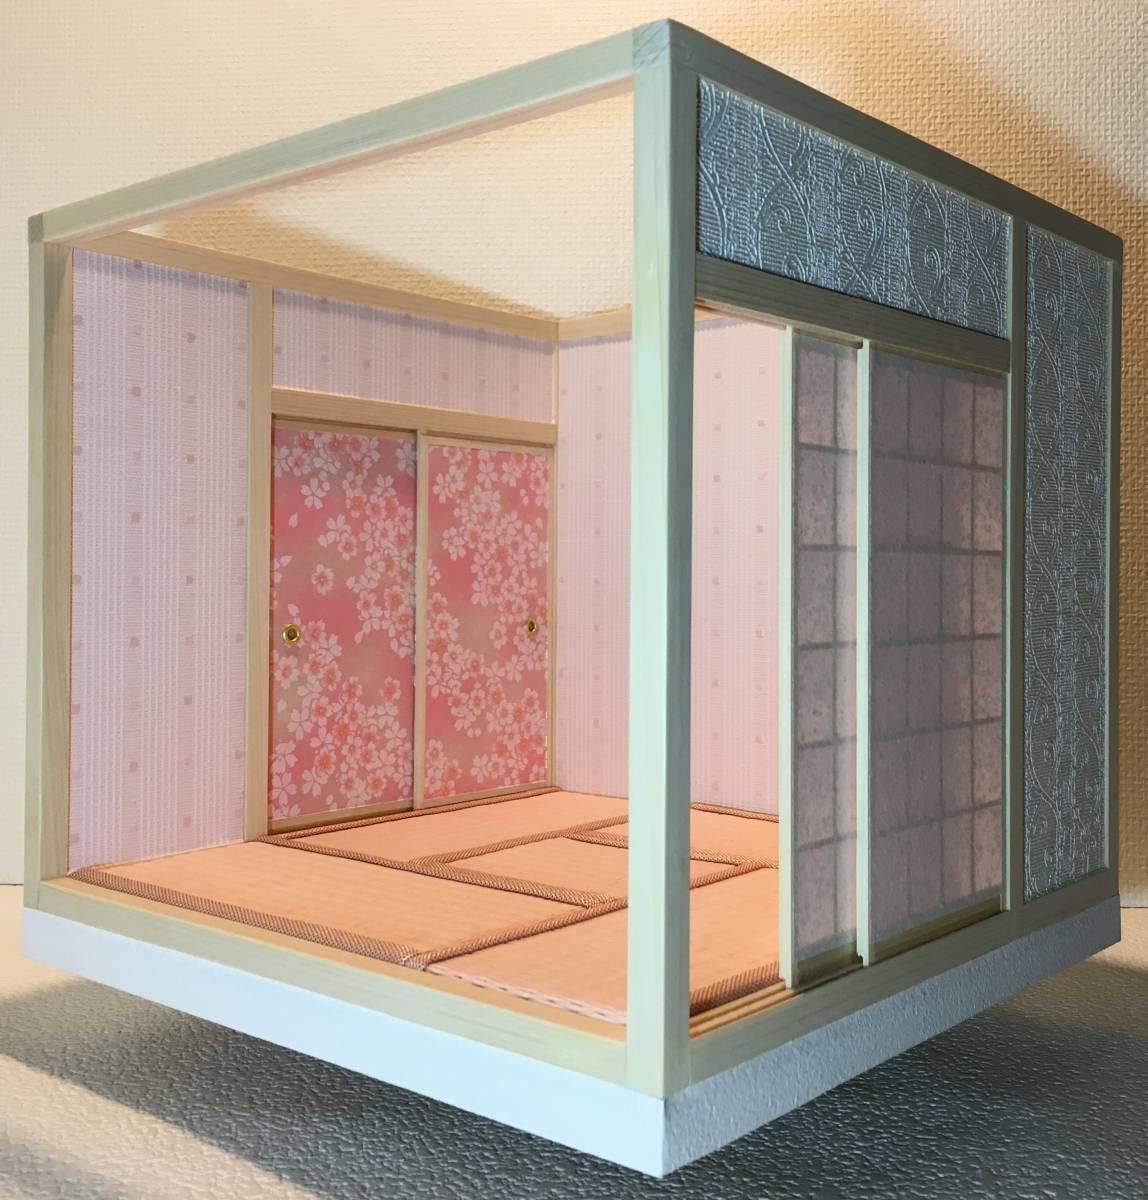 ドールハウス 和室 和風 畳部屋 1/12 サイズ ピンク ポップ桜の間。プチブライス ピコニーモ あまむす オビツ11のミニチュア人形装飾撮影等